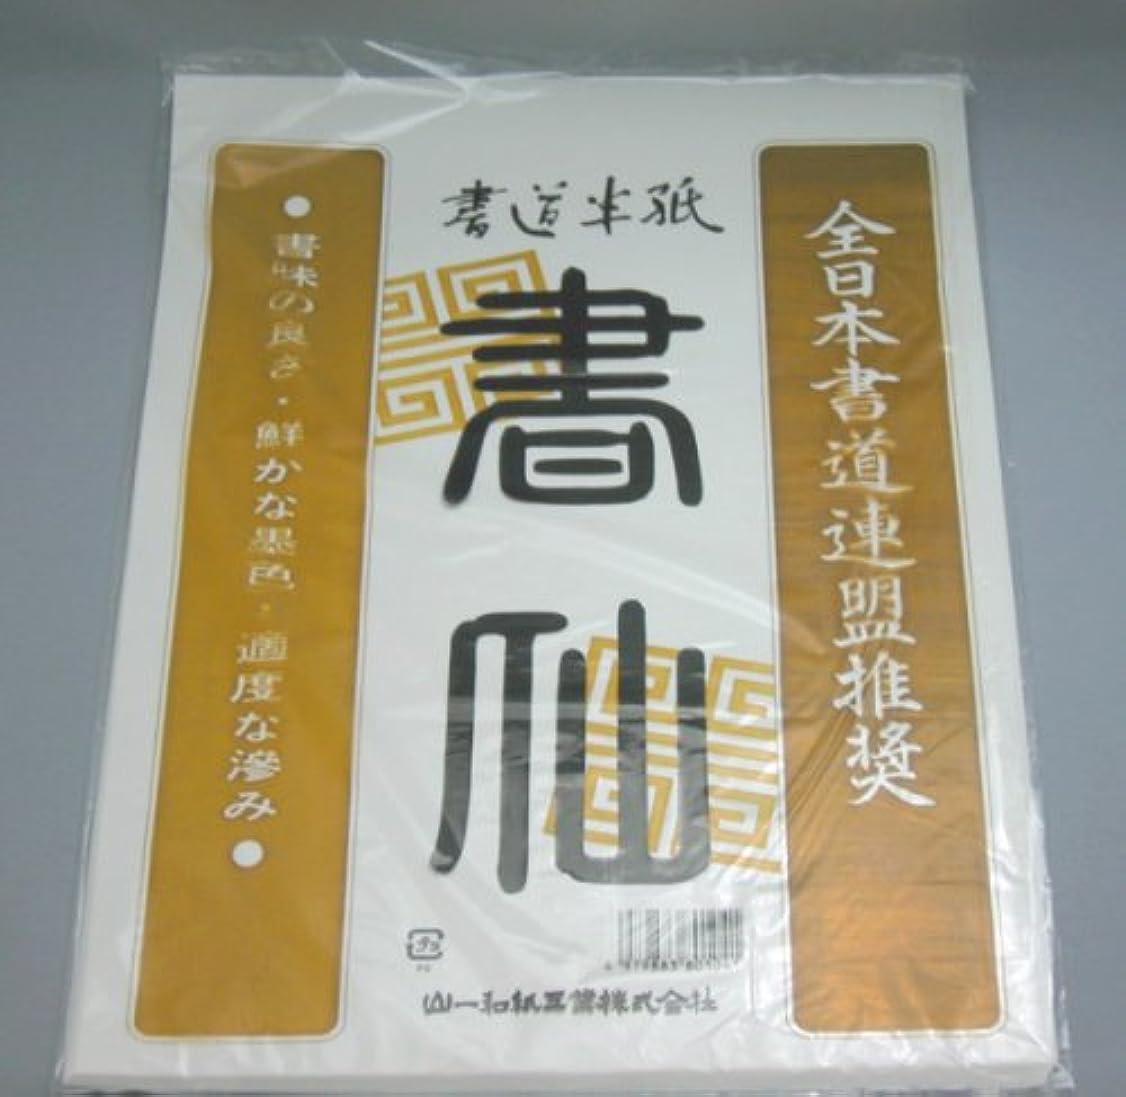 中間証書サイレン半紙 書仙20枚パック/漢字用